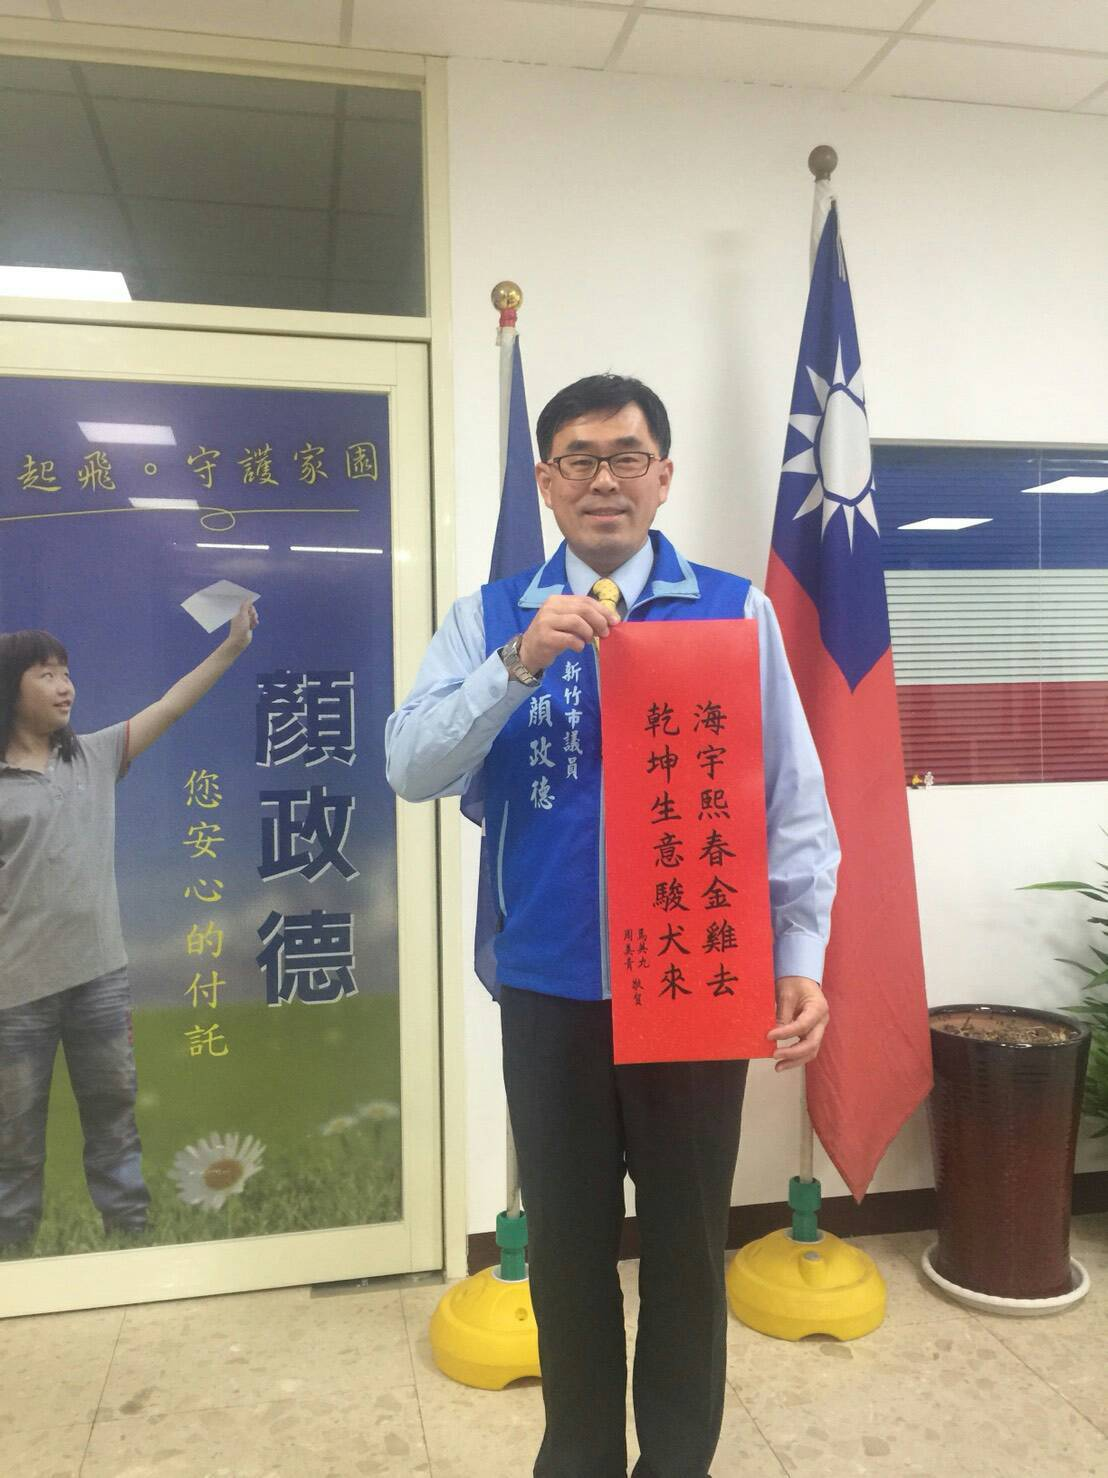 馬英九春聯一張賣1千人民幣 竹市議員顏政德報警